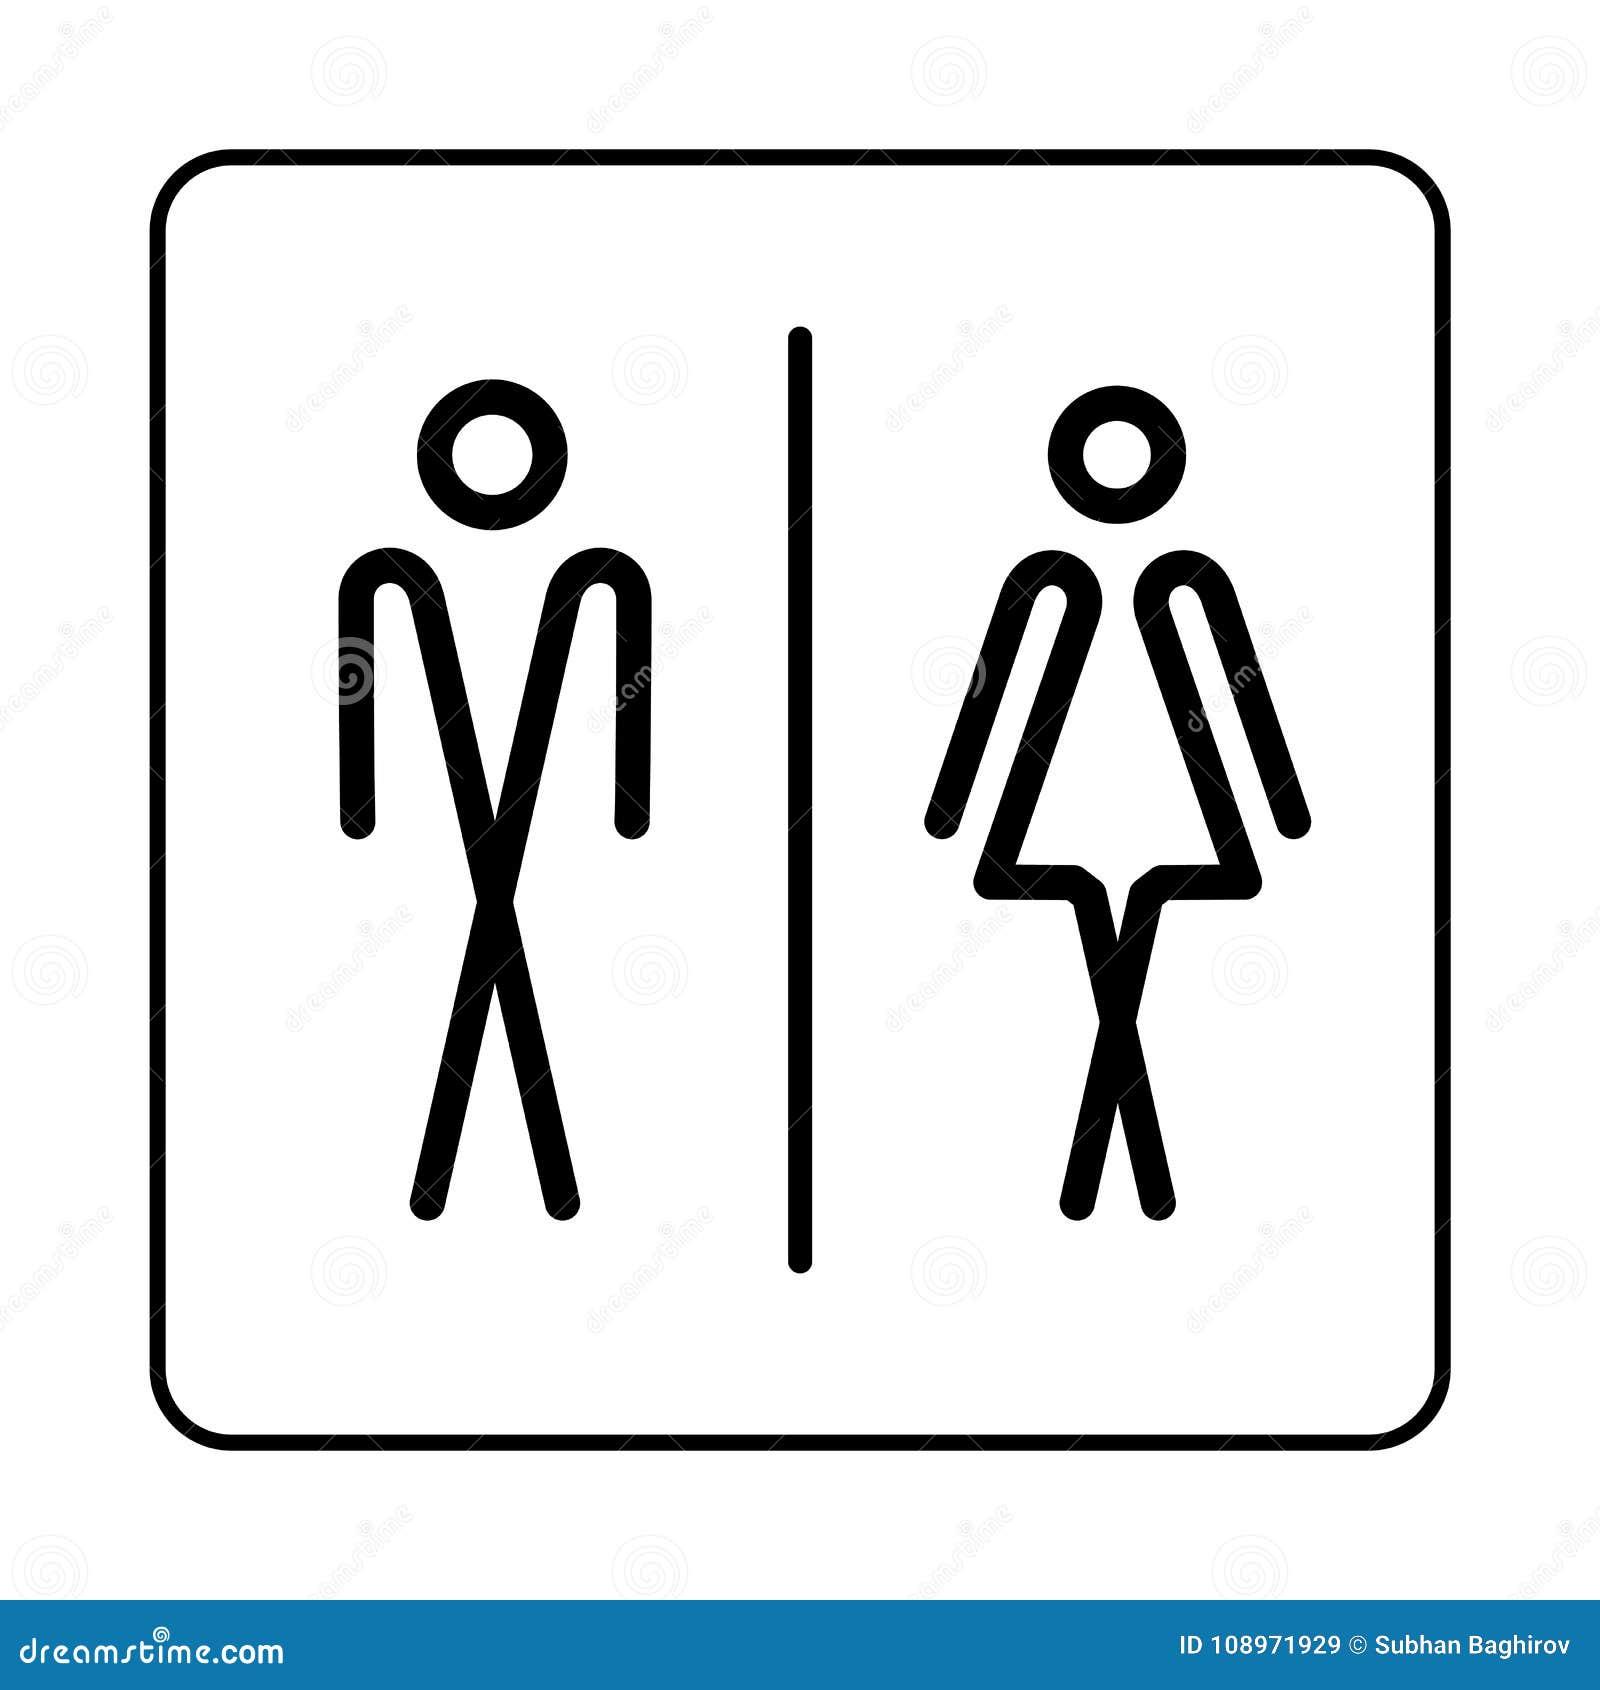 Icono de la placa de la puerta del retrete del WC Placa simple del cuarto de baño